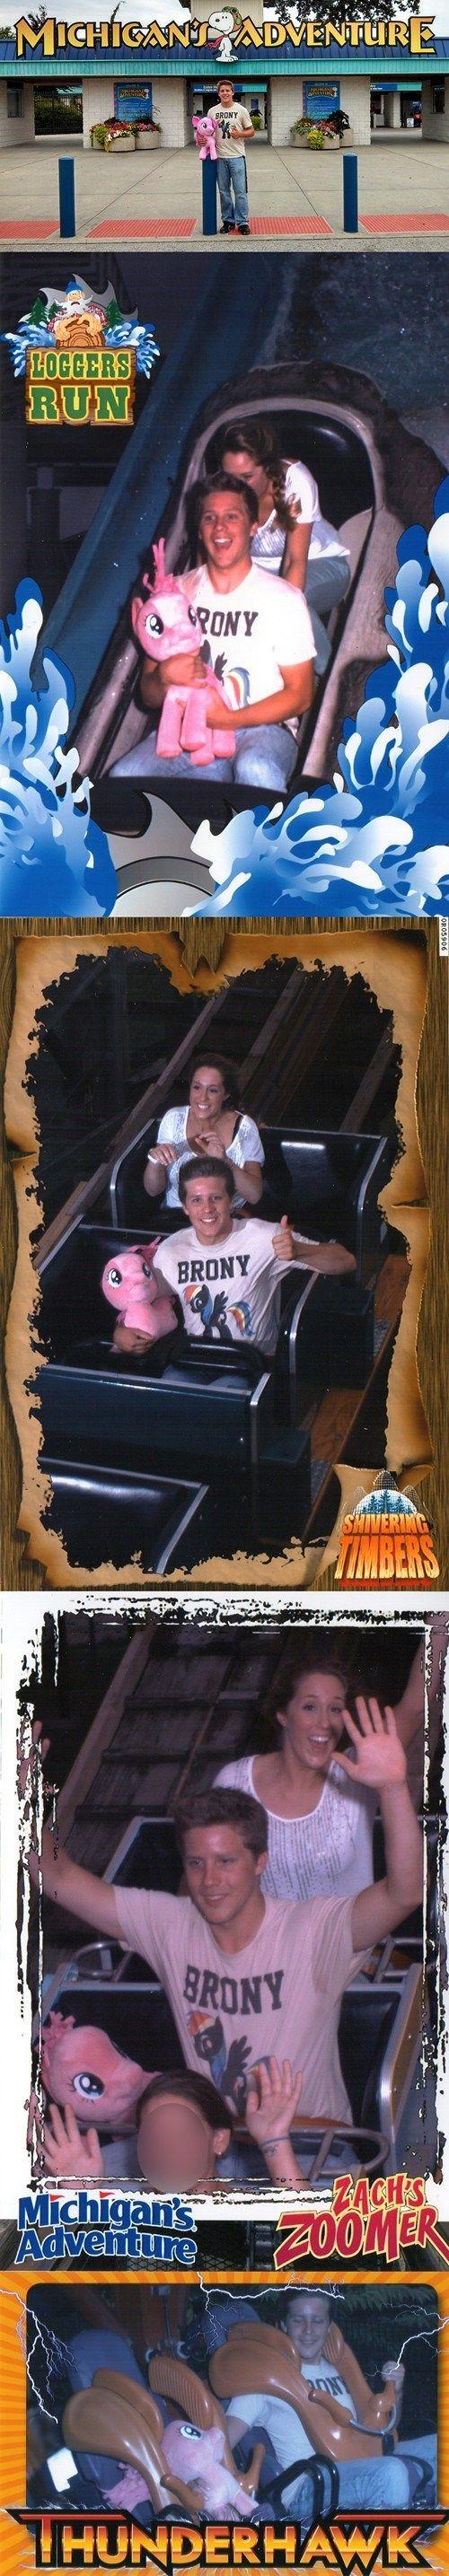 Pinkie Pie Loves Roller Coasters! - Cheezburger